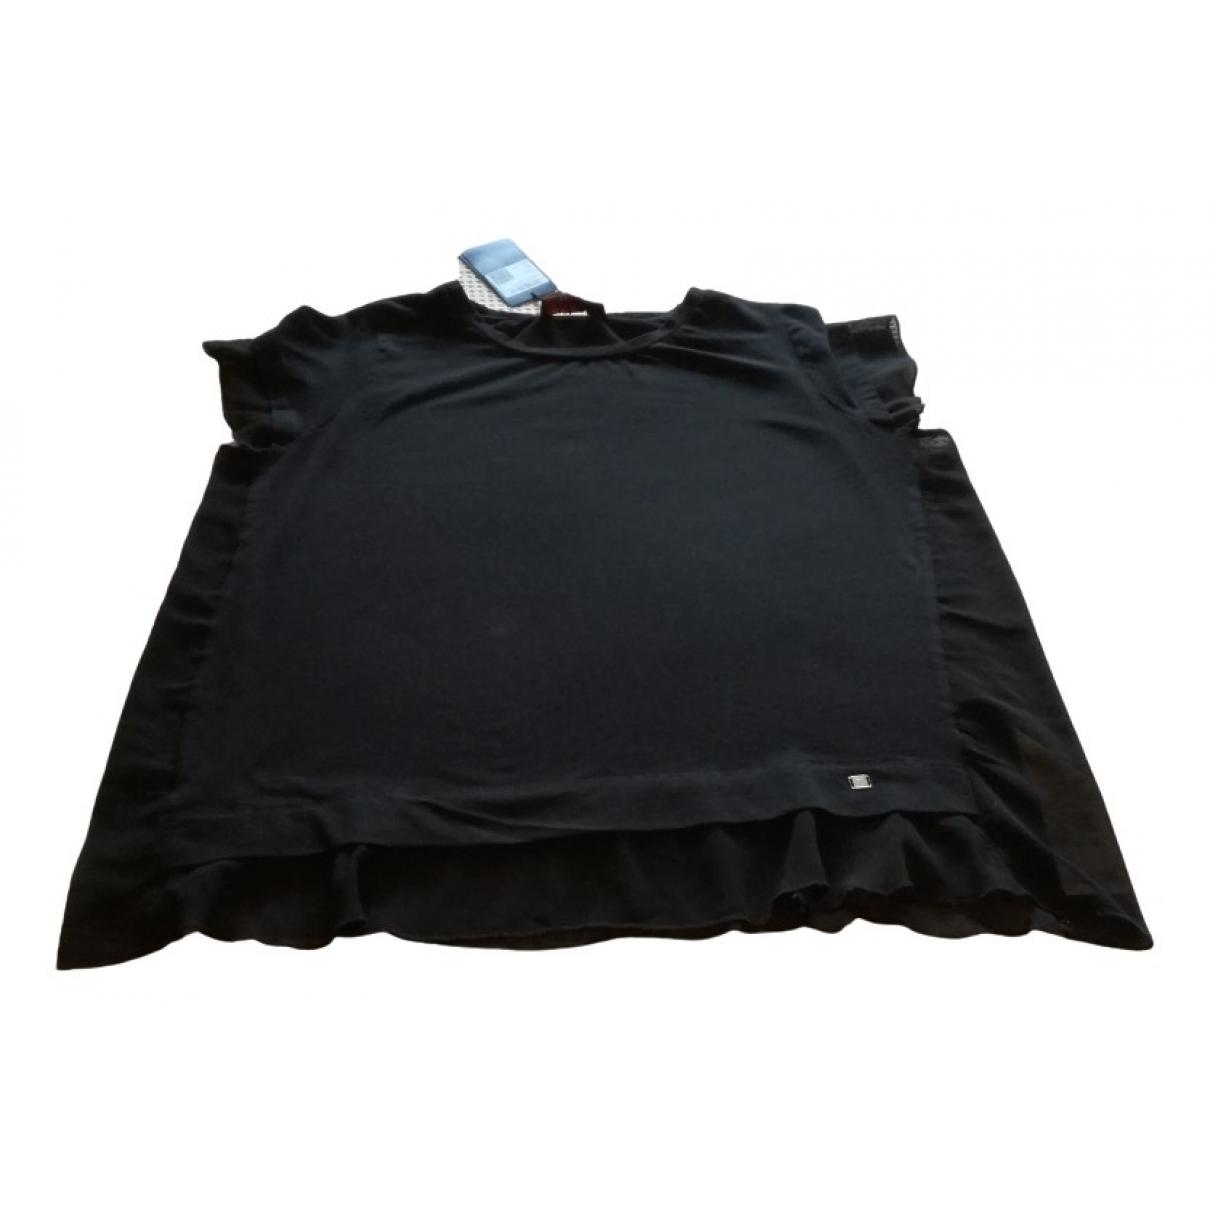 Camiseta Trussardi Jeans